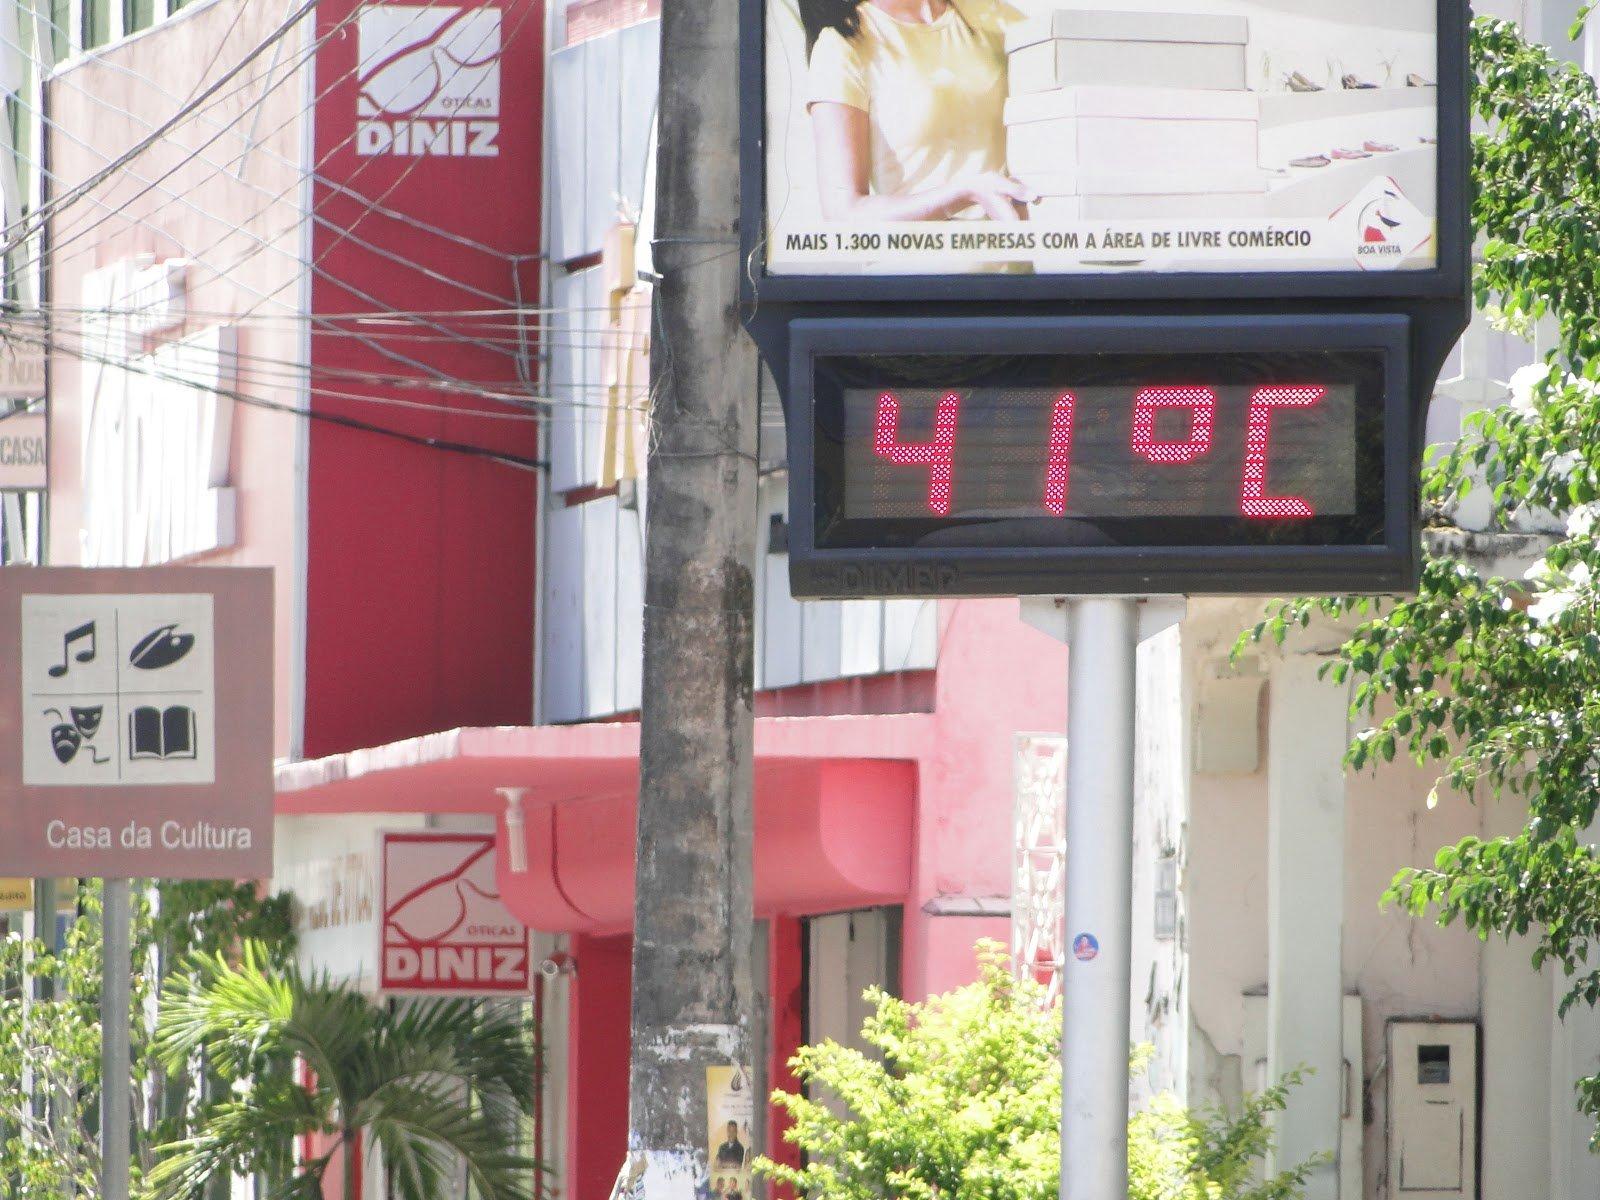 dsc04505.jpg?resize=412,232 - Ondas letais de calor devem castigar a Terra até 2100